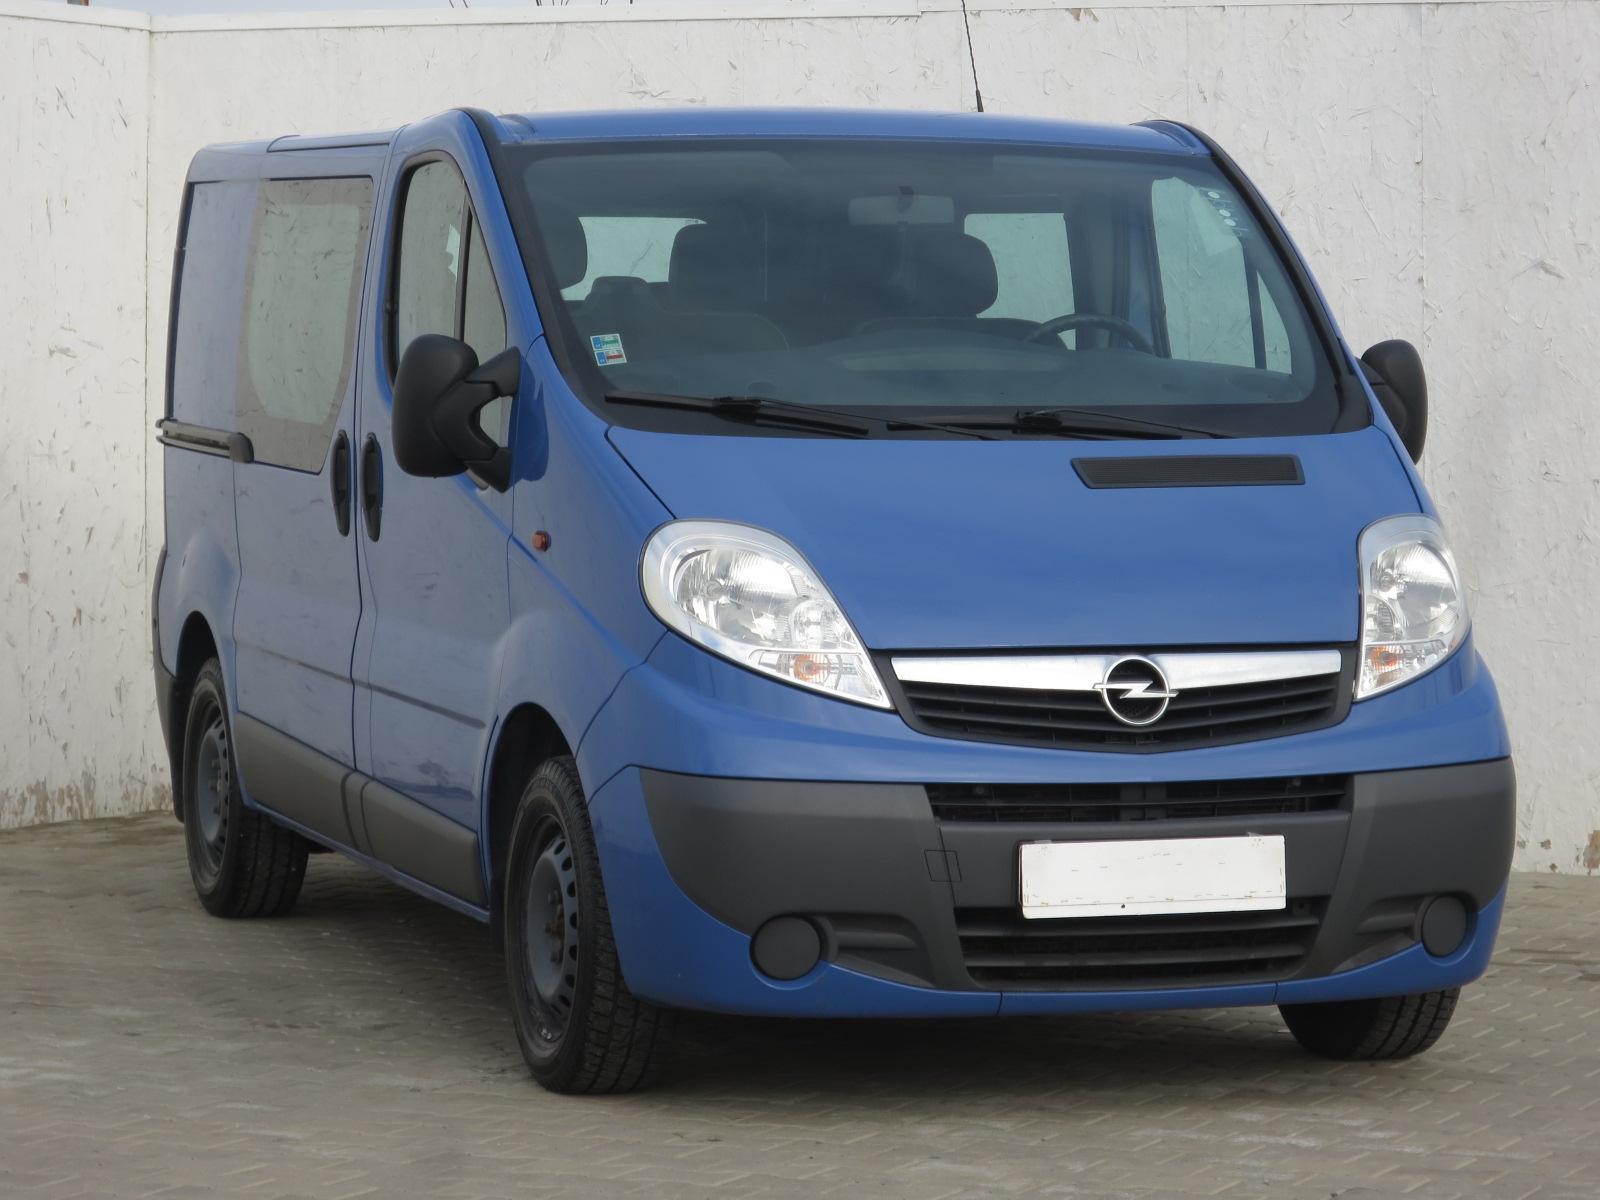 Opel Vivaro 2.0 CDTi 84kW minibus nafta